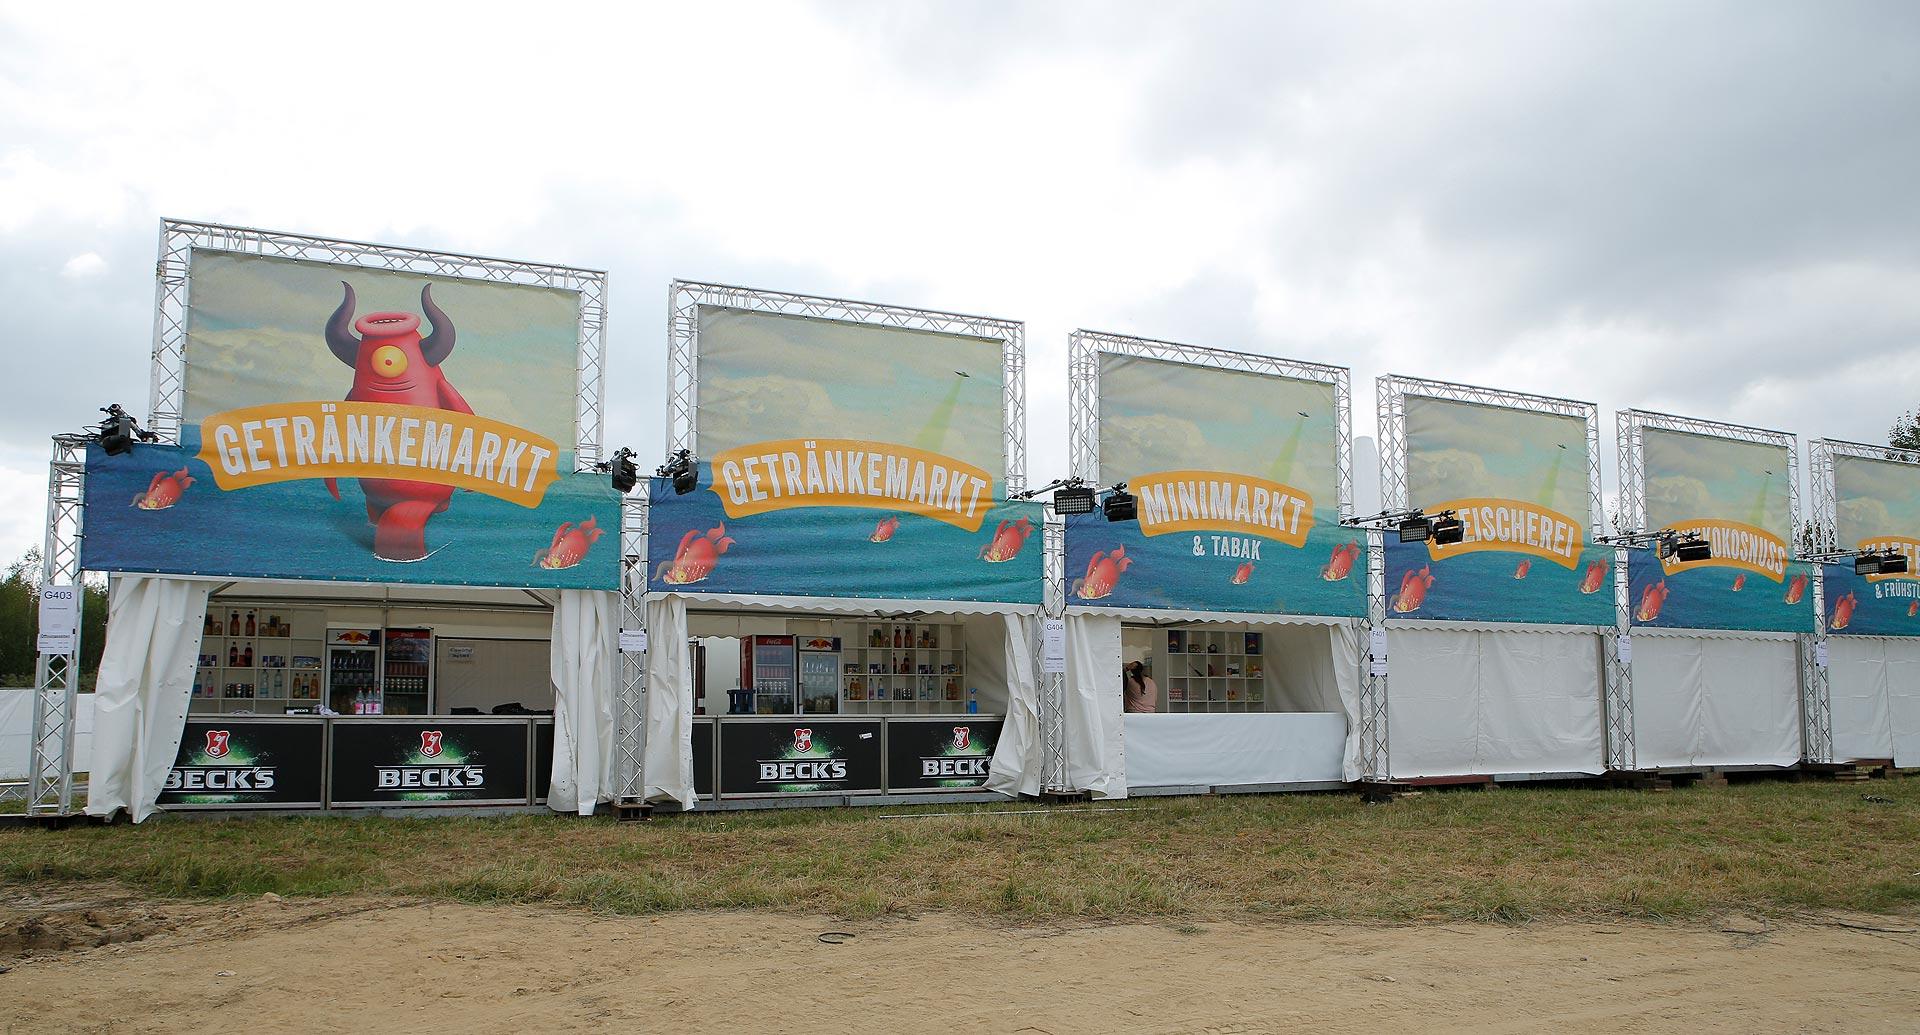 Der Mini-Supermarkt steht auf dem Campingplatz des Highfields.